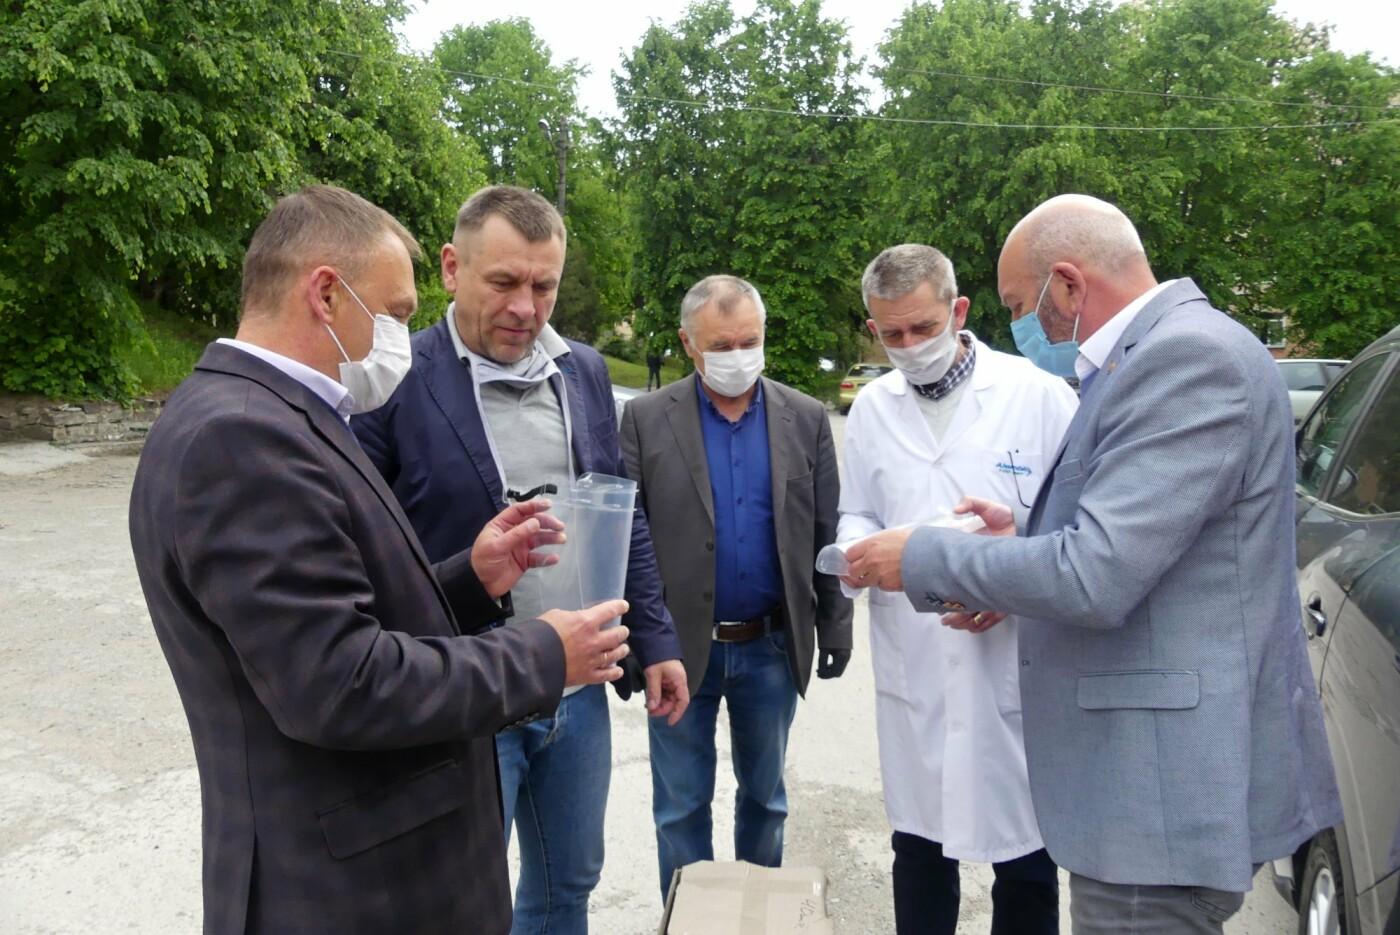 Кам'янецьким медикам передали захисні щитки та маски, фото-3, Фото: Михайло Сімашкевич, Фейсбук